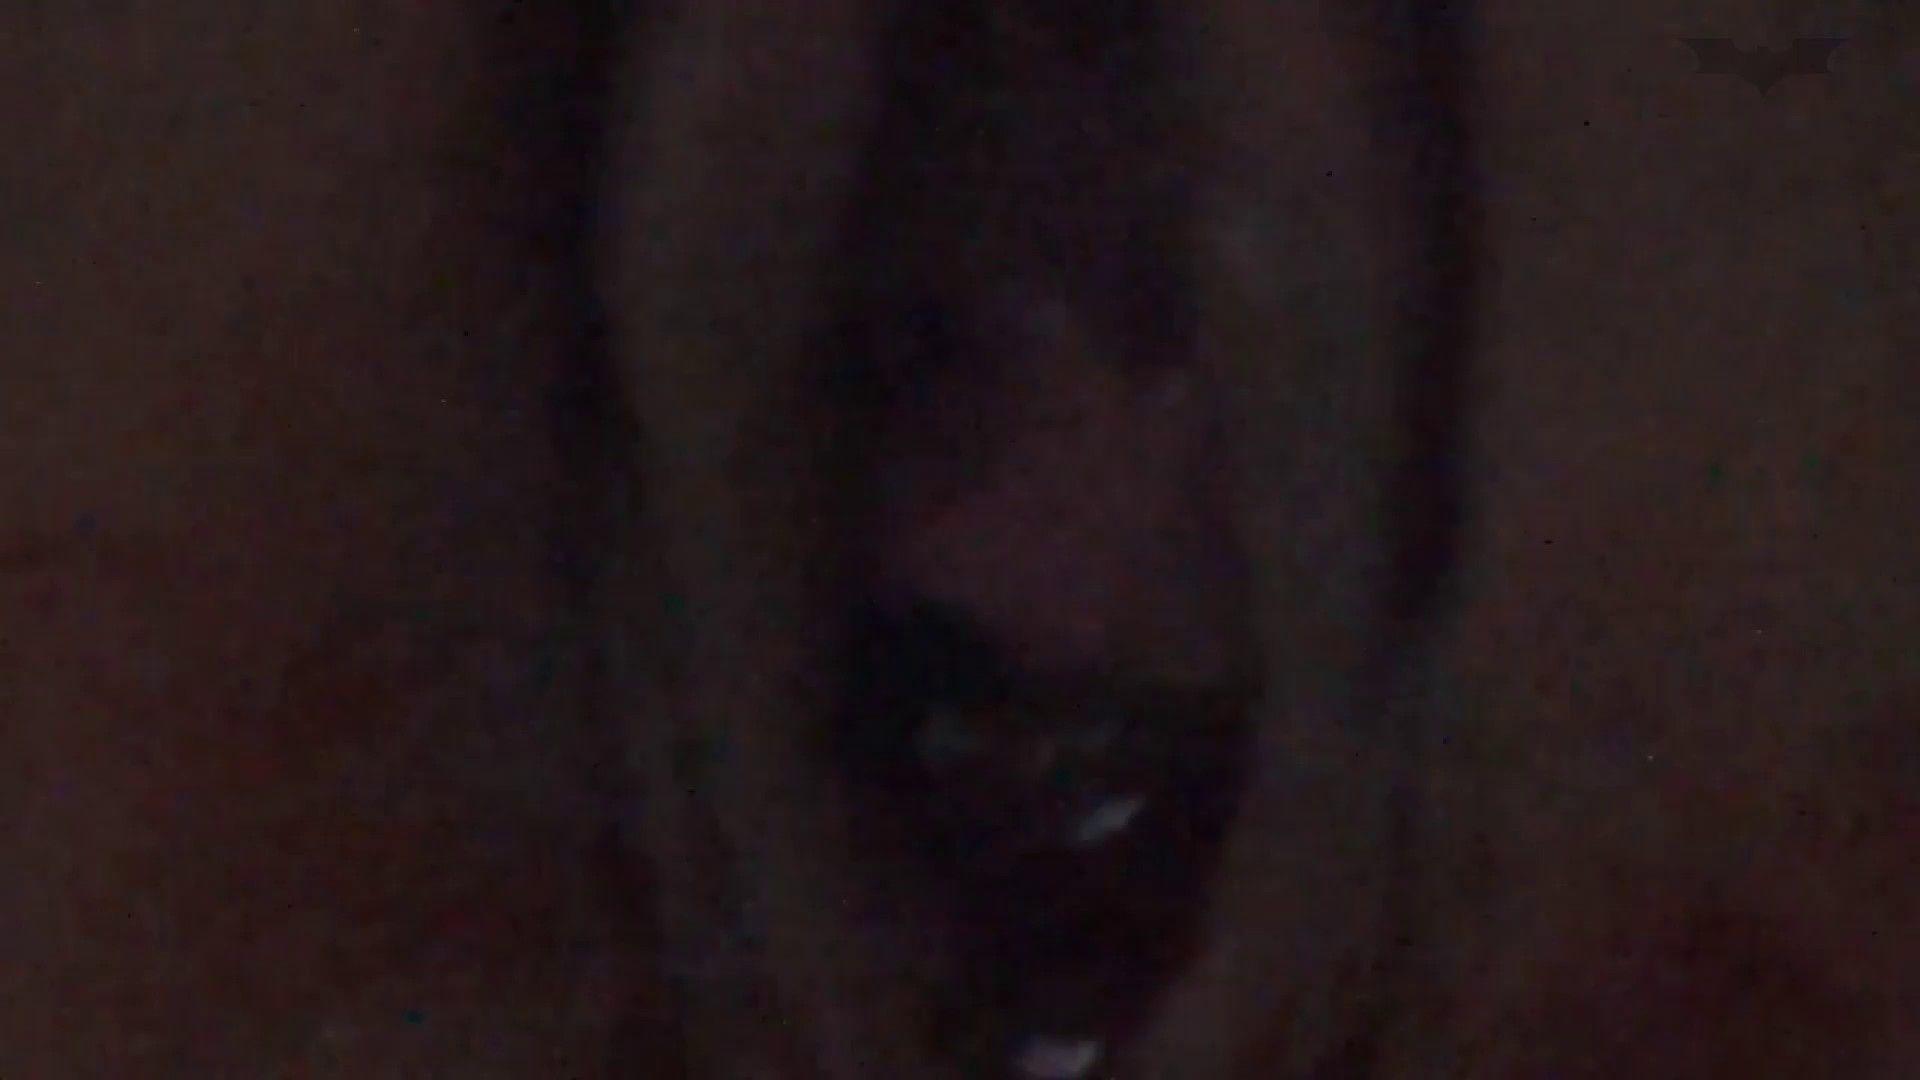 JD盗撮 美女の洗面所の秘密 Vol.57 美女のボディ 盗撮動画紹介 108PIX 73